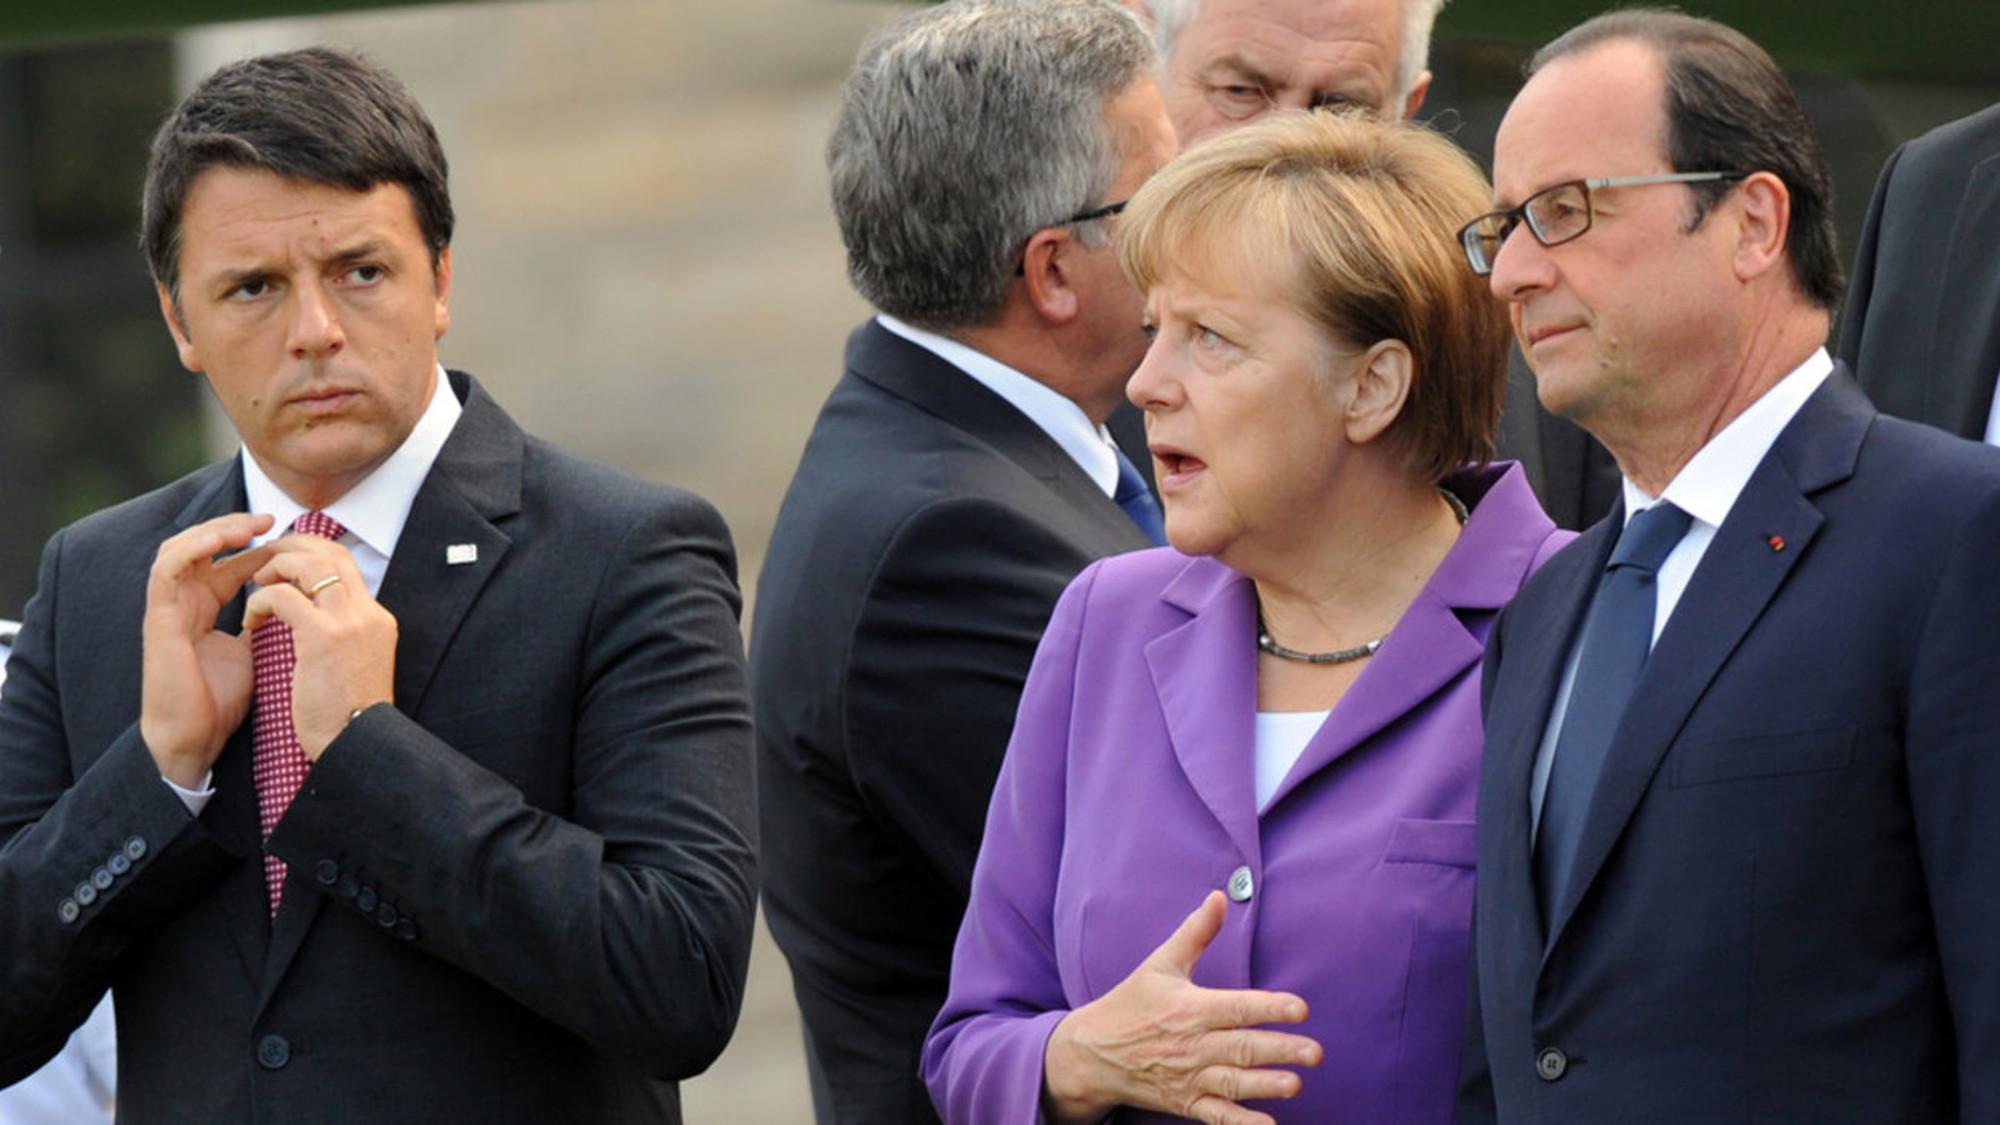 Ρέντσι: Δεν δεχόμαστε να γίνει η ΕΕ ένας χώρος διεκπεραίωσης